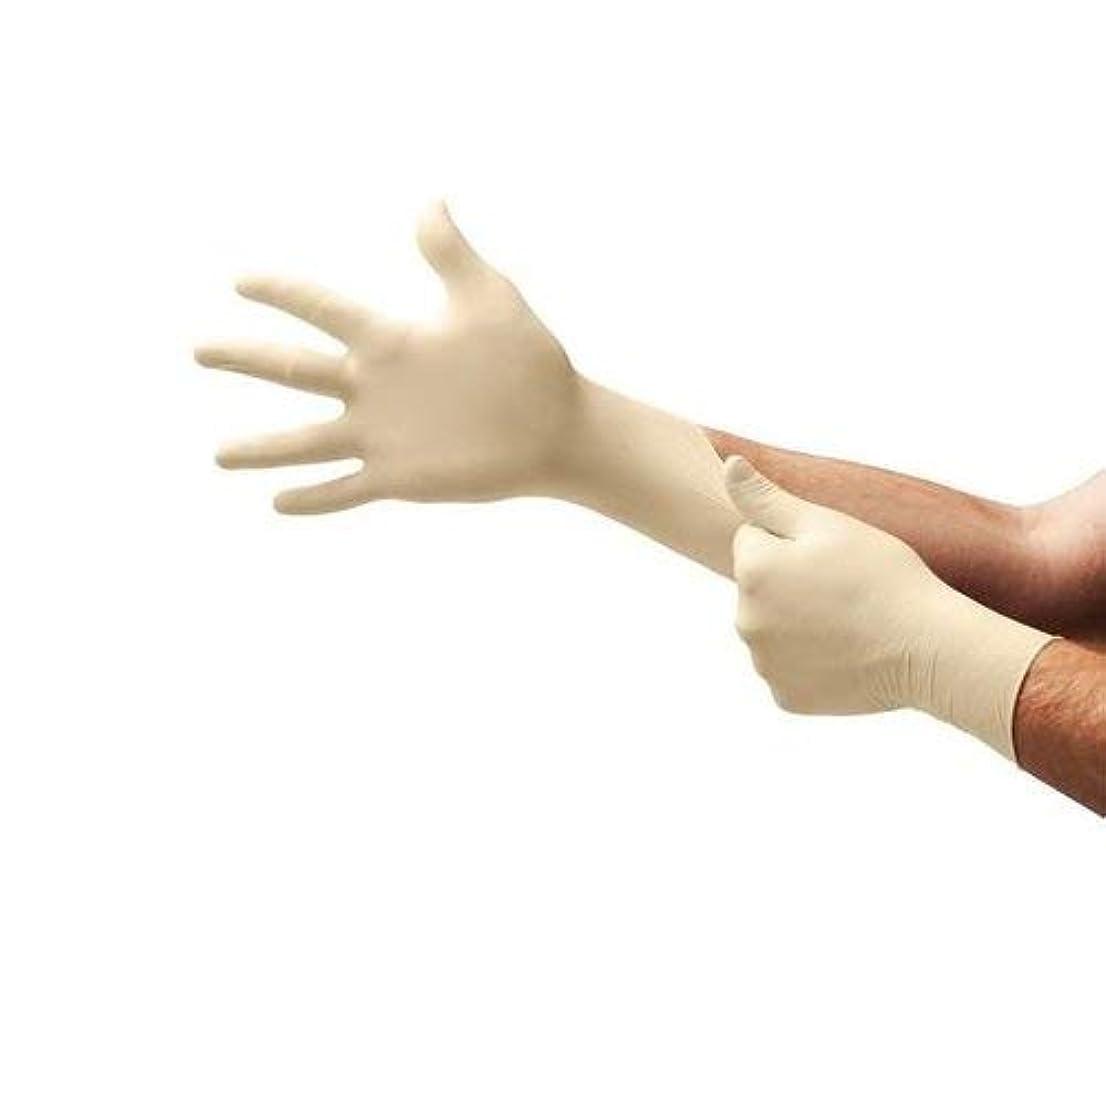 季節偏見環境保護主義者Microflex EV-2050-M Gloves,Exam,Evolution One,Powder-Free,Medium 10